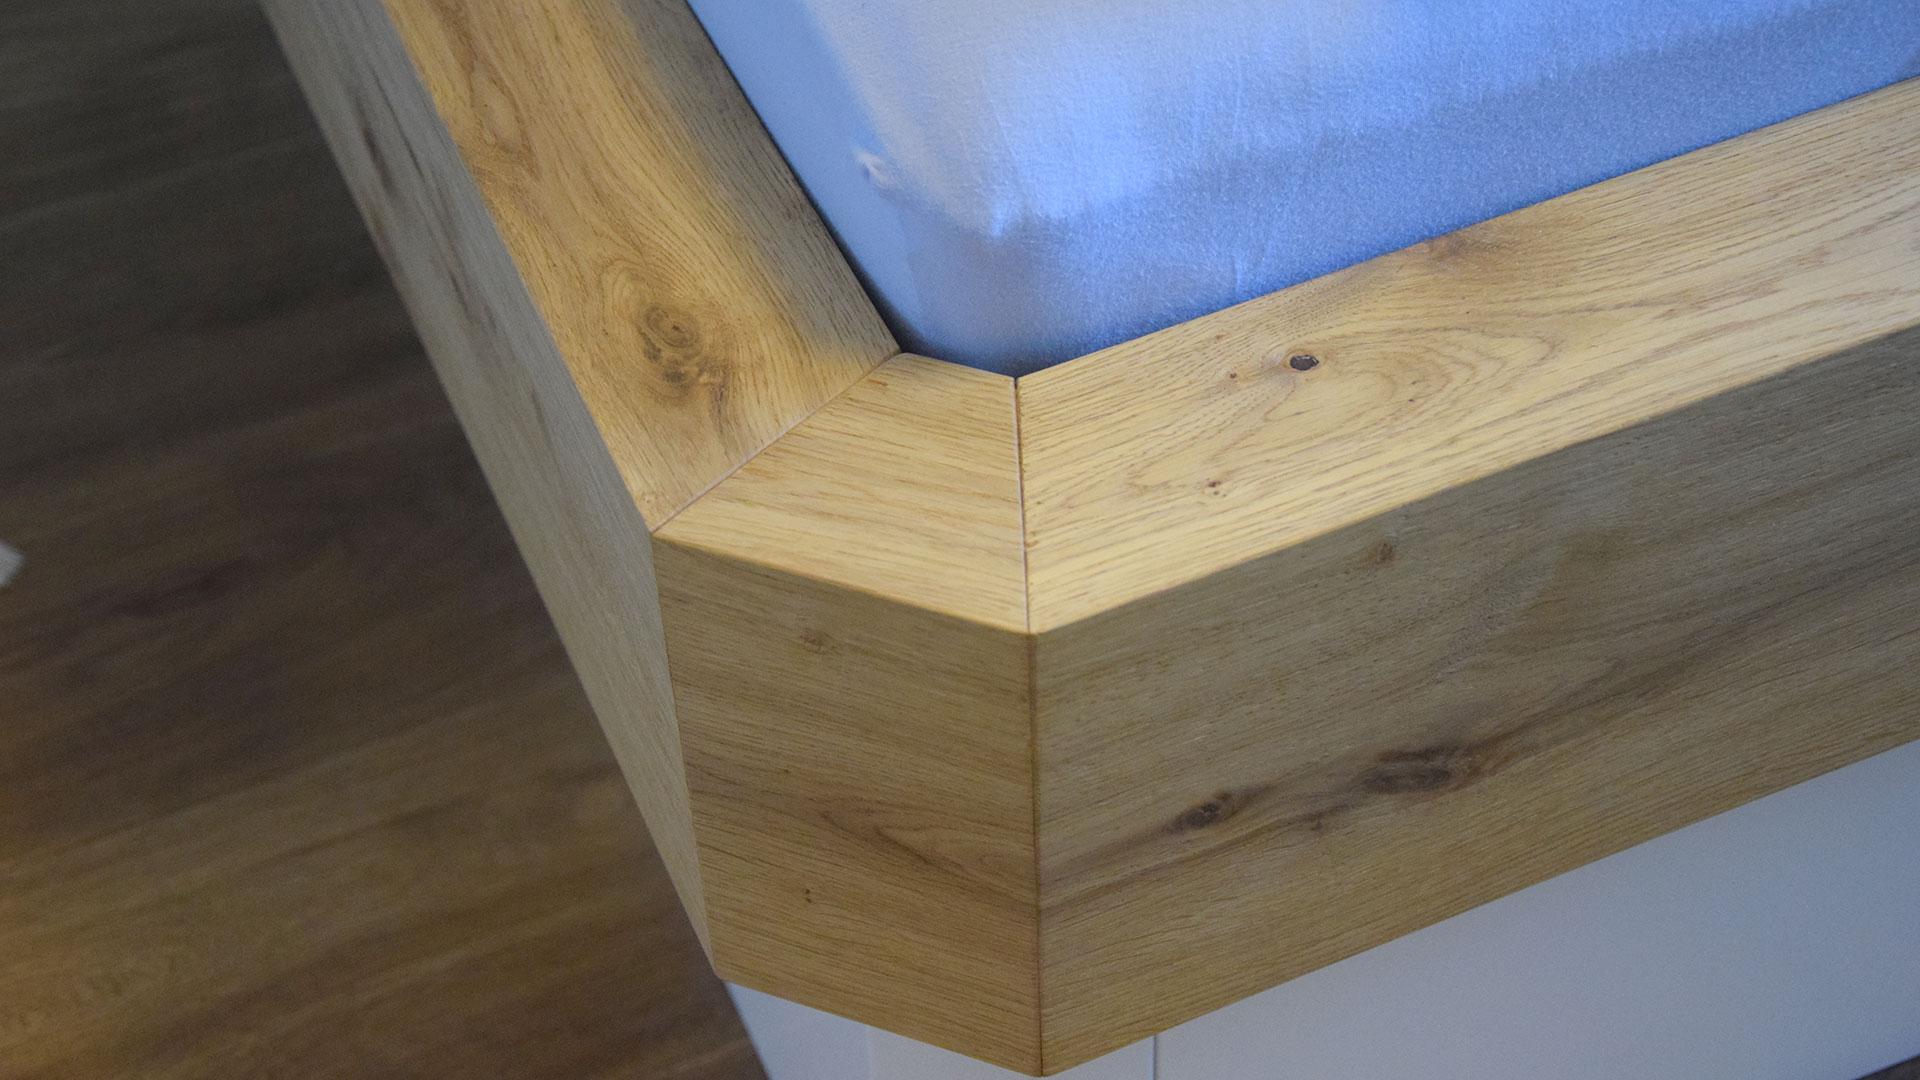 schreinerei julian grimm ideen mit holz der schreiner in fellbach schlafzimmer eiche. Black Bedroom Furniture Sets. Home Design Ideas